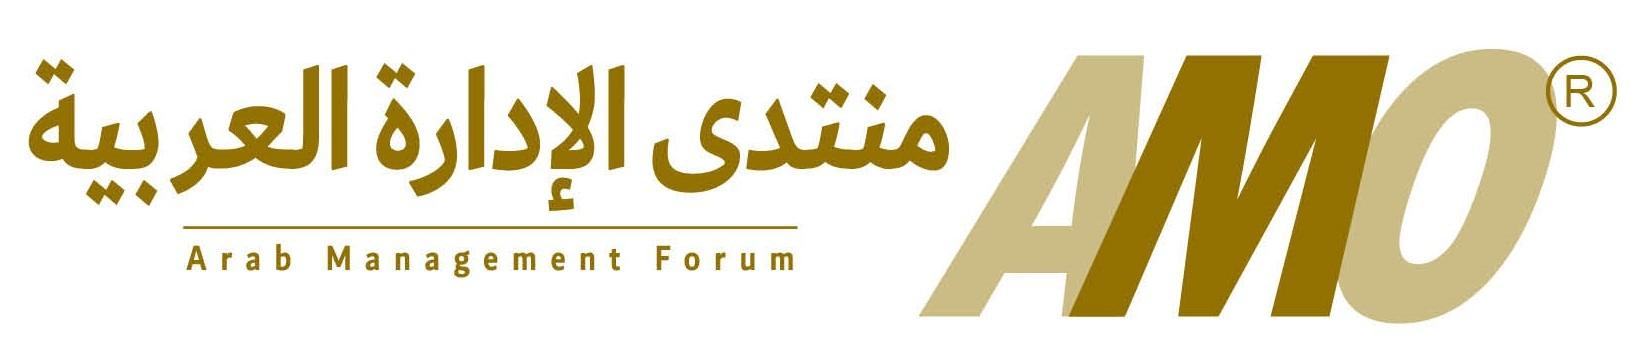 منتدى الادارة العربية